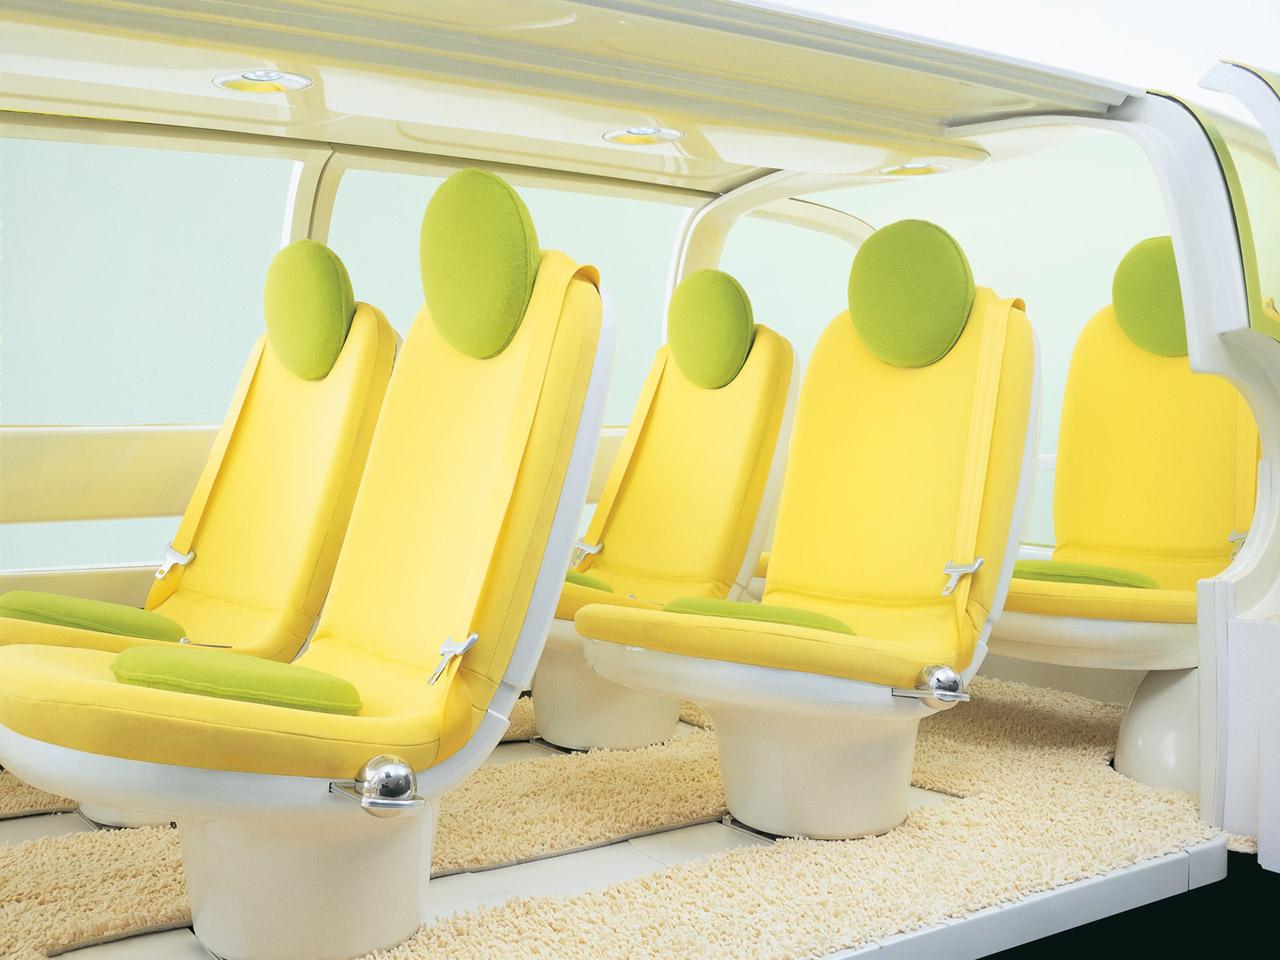 suzuki mobile terrace picture 5621 suzuki photo. Black Bedroom Furniture Sets. Home Design Ideas